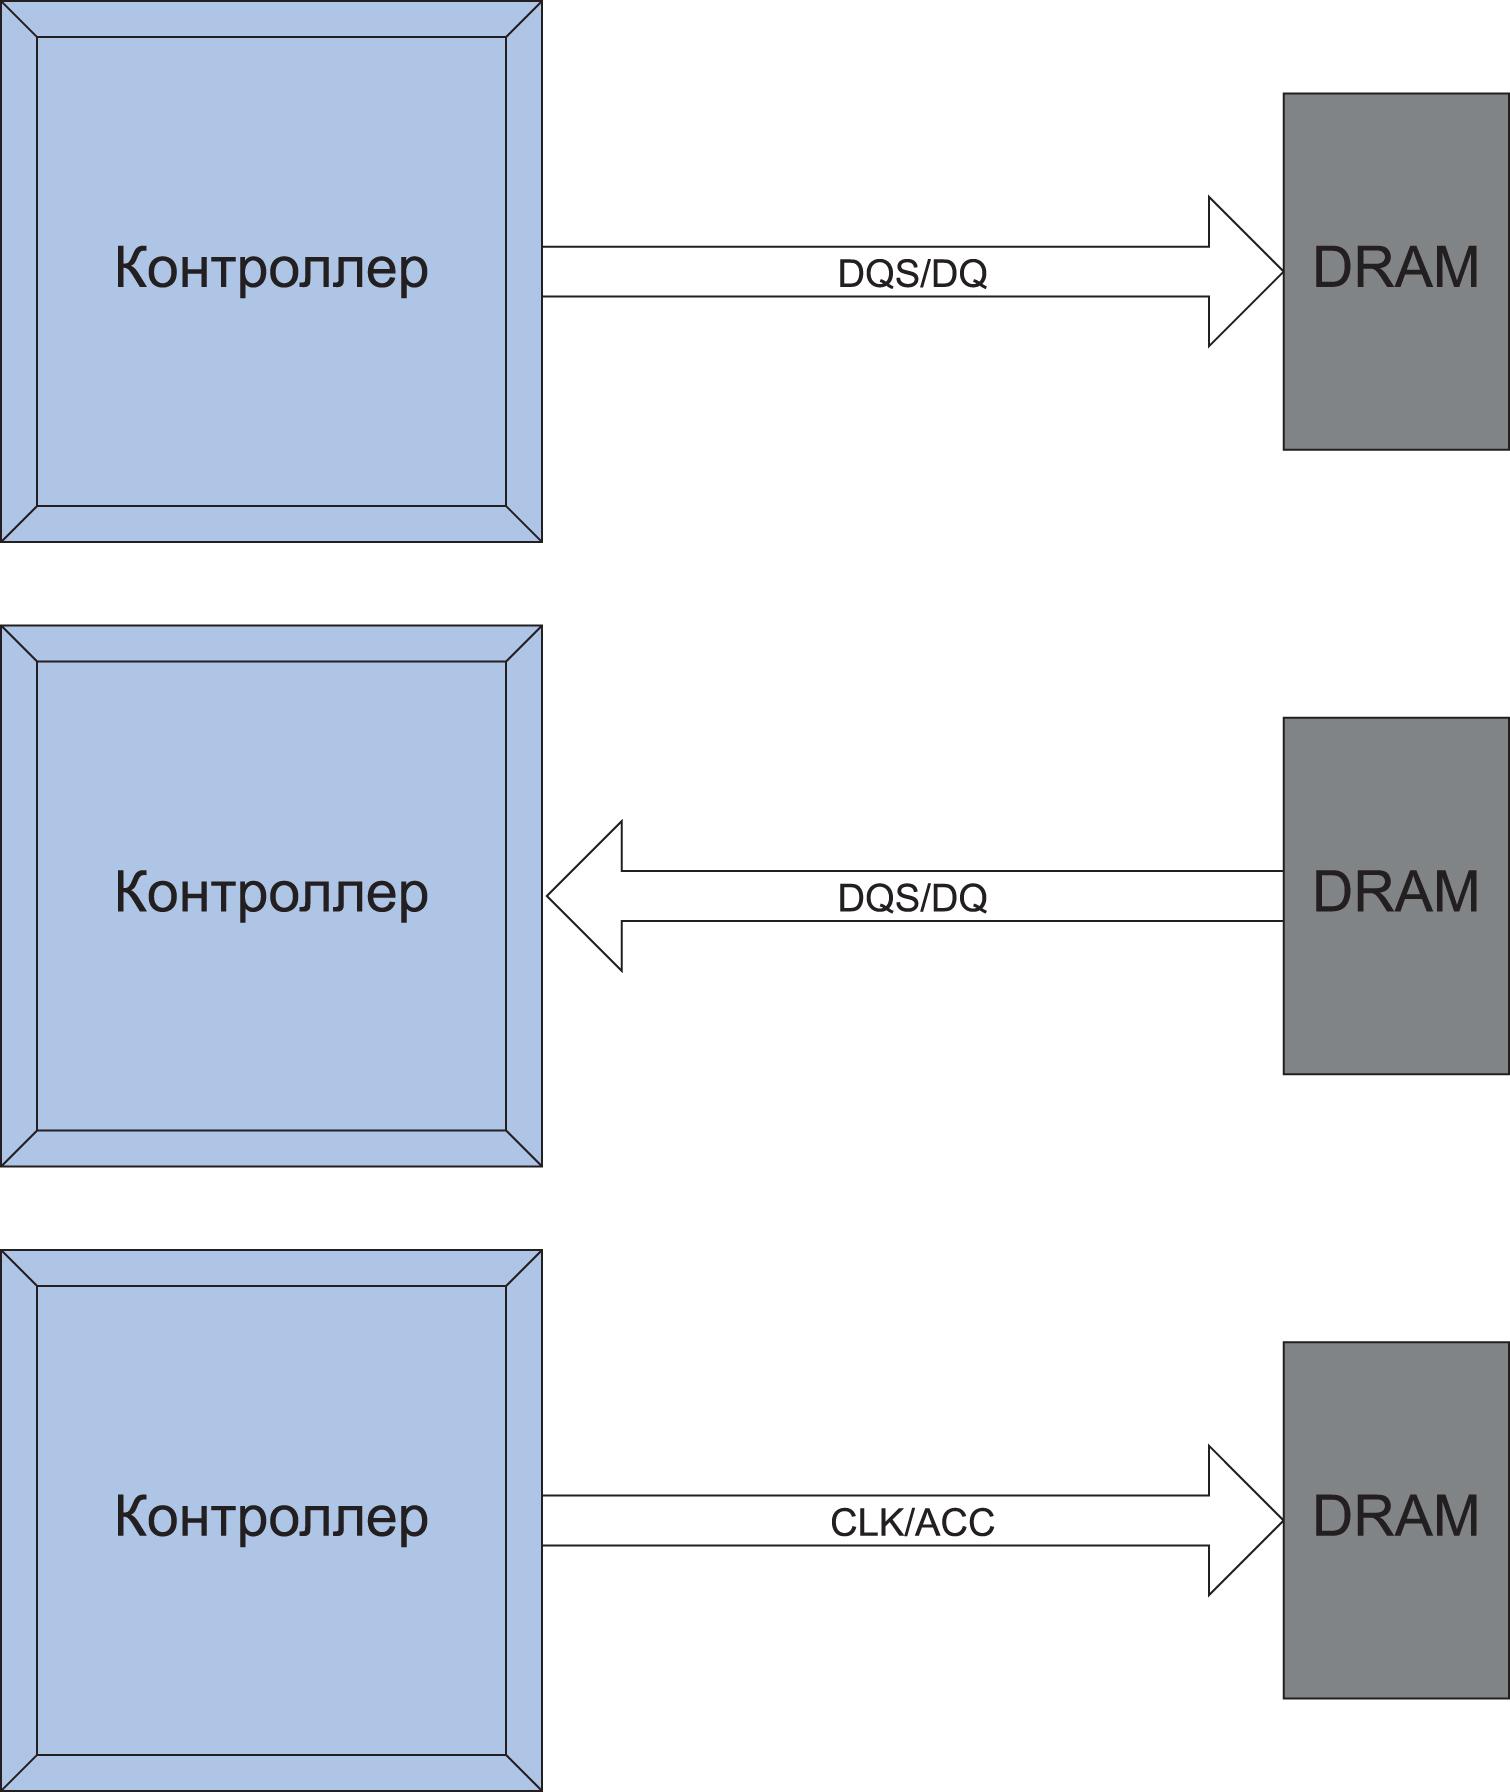 Шина DDR использует два набора сигналов, как большинство шин памяти